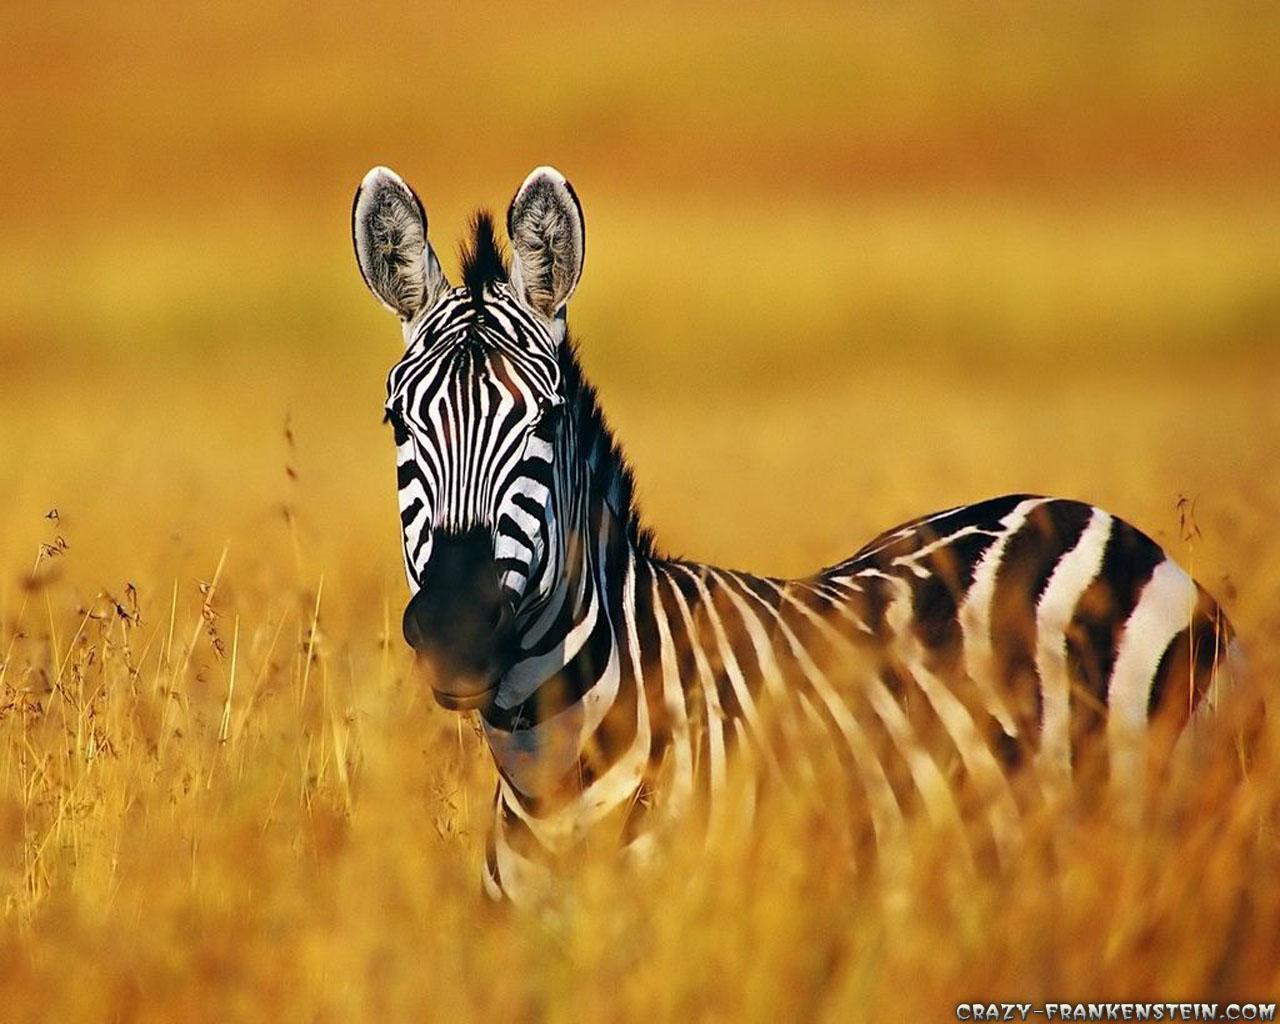 Zebras-Animal-http-wallpho-tk-zebras-animal-html-wallpaper-wp30012474